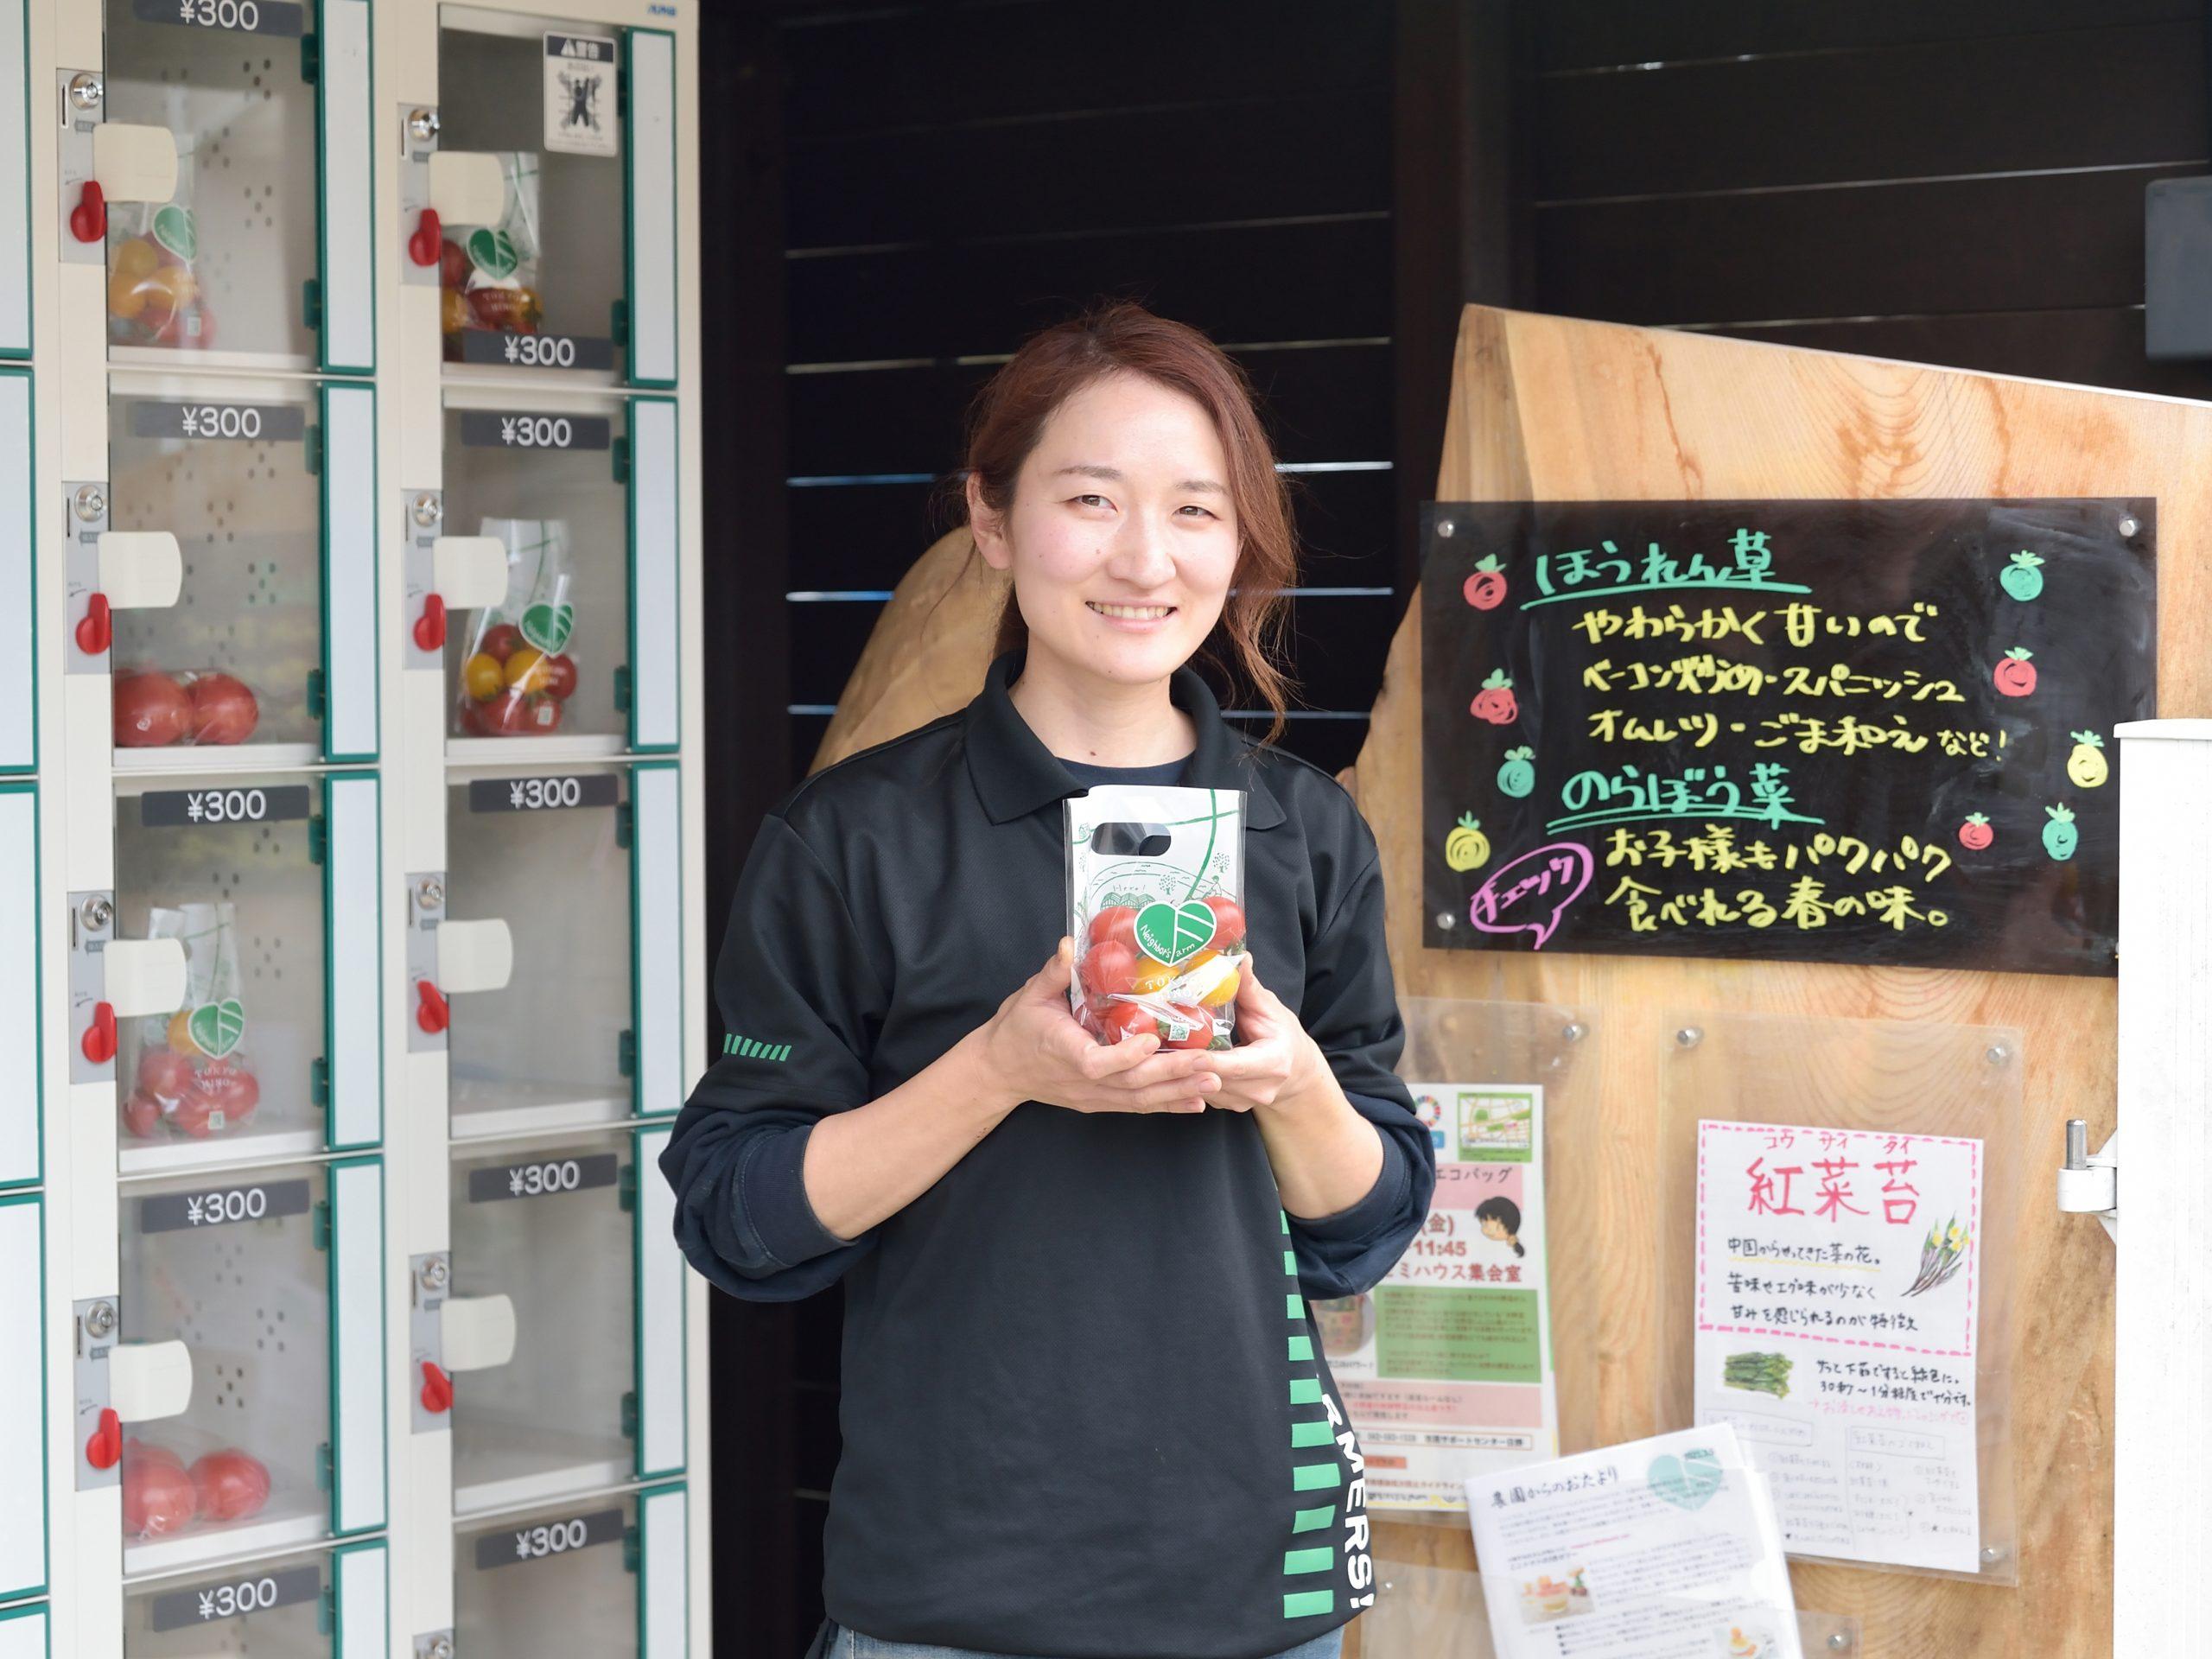 東京日野市で就農して3年目。地産地消、SDGsをキーワードに思い描く未来